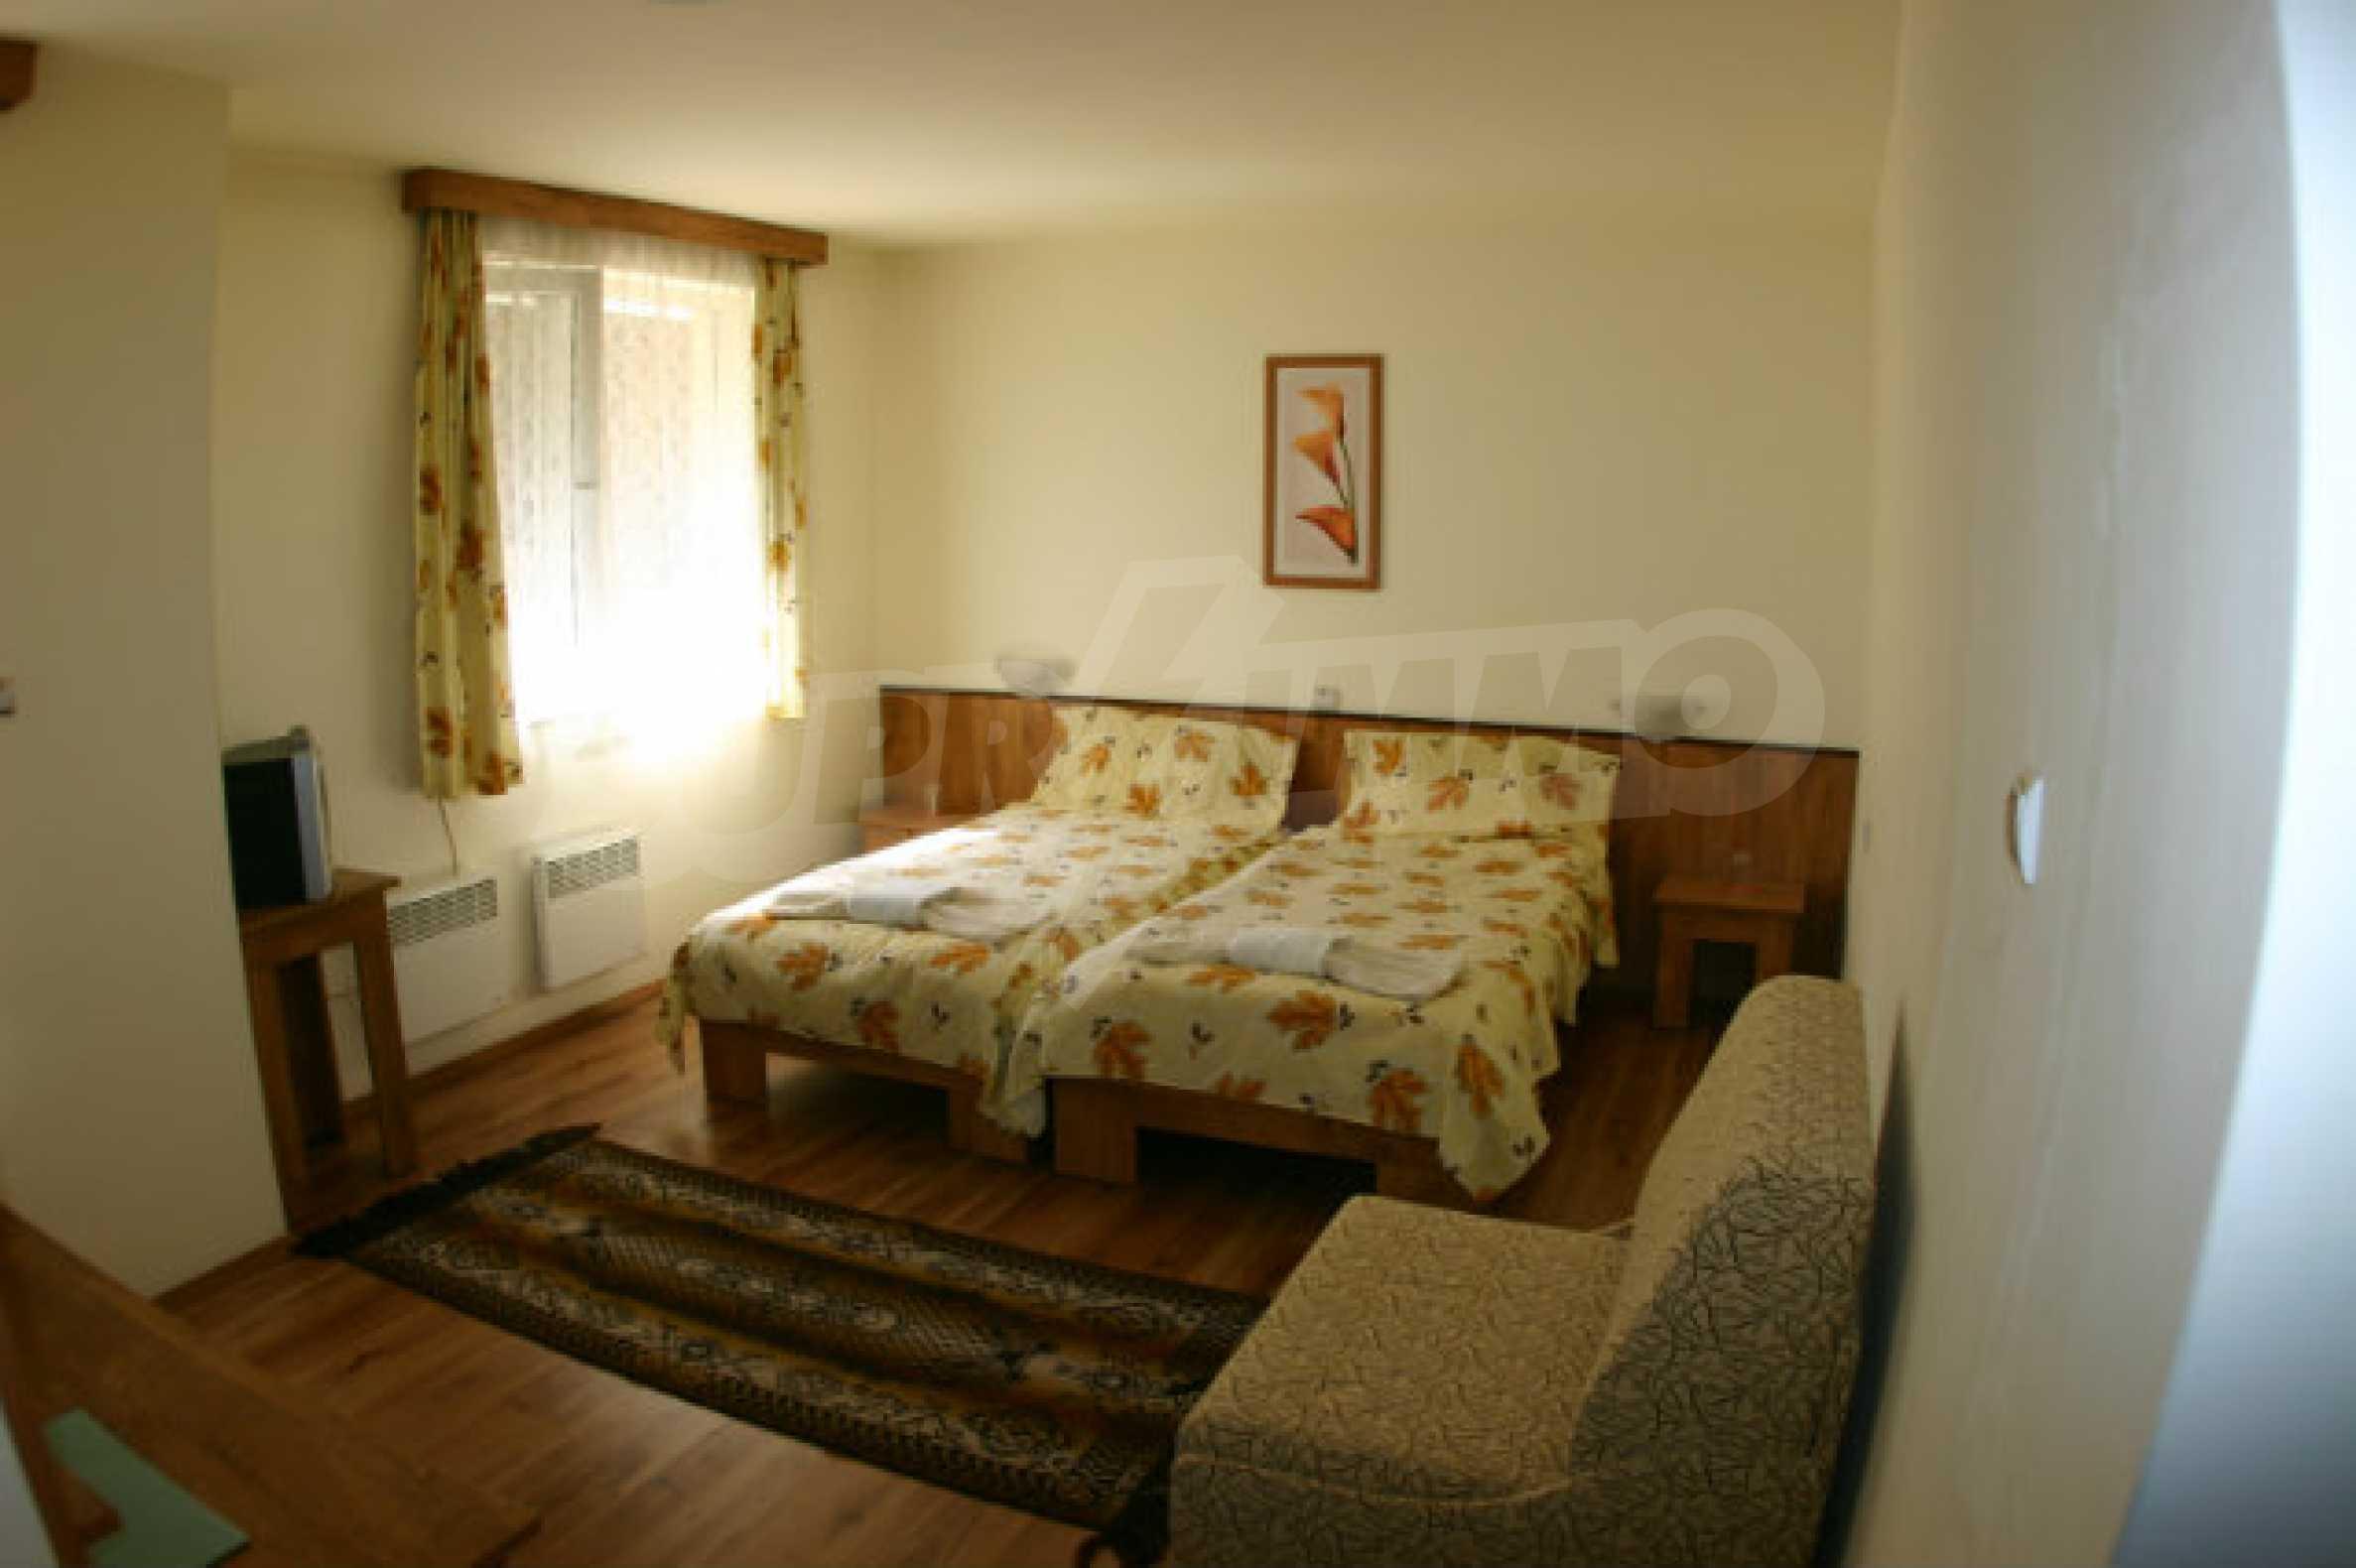 Familienhotel zum Verkauf in Dobrinischte, 6 km von Bansko entfernt 12